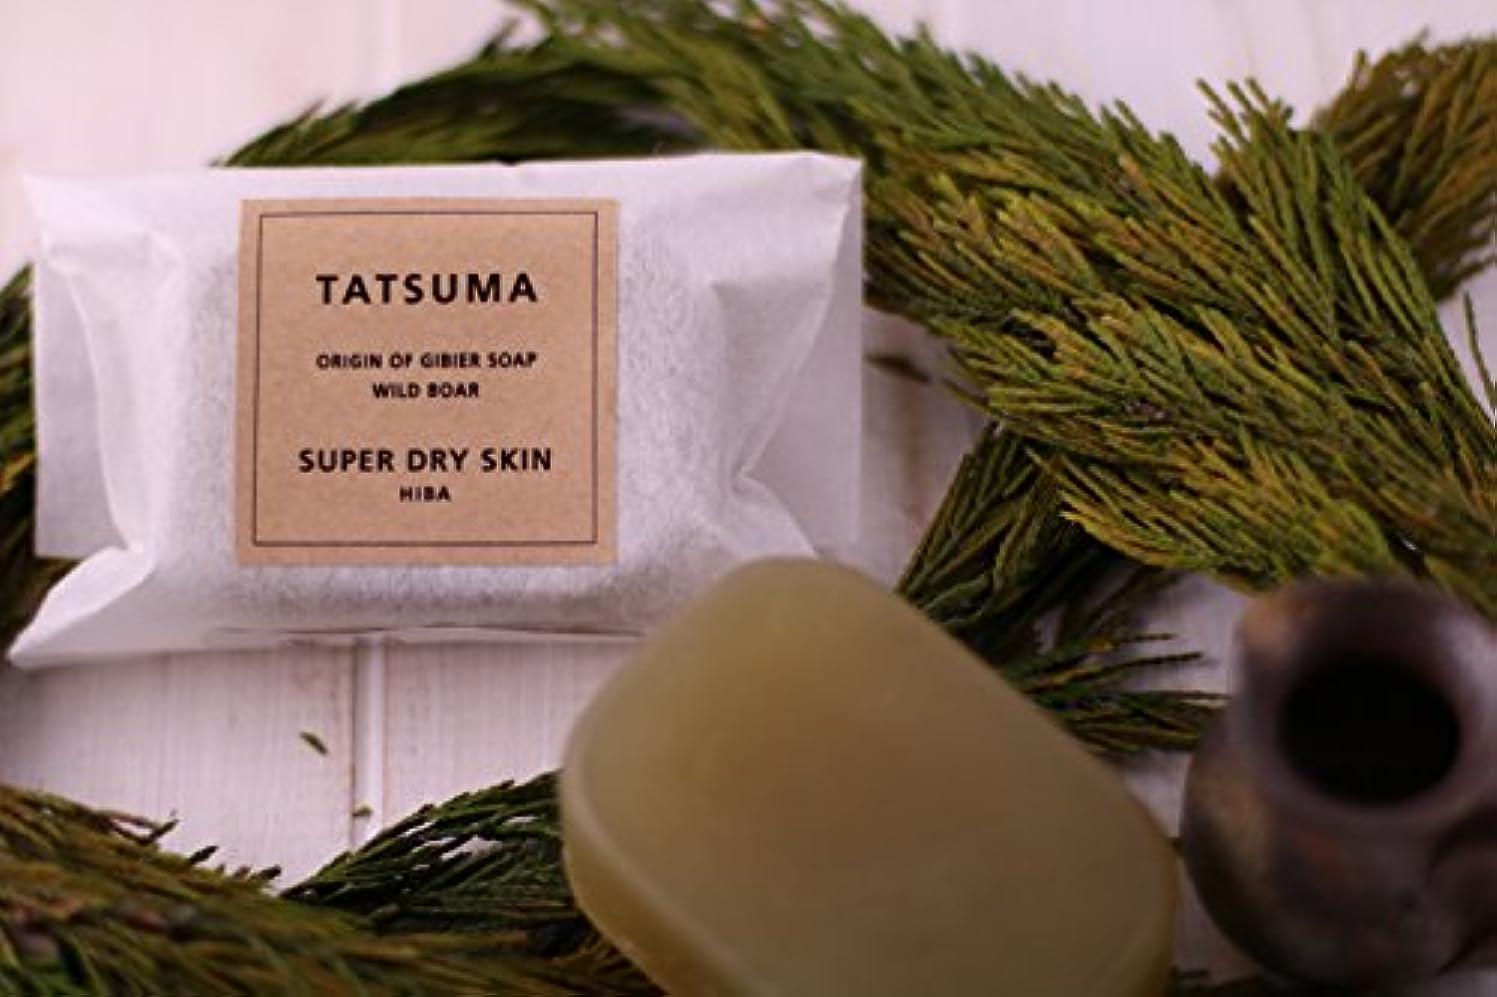 あからさま破壊する穴化粧石鹸(IC-4) 枠練り/釜焚き製法 | TATSUMA SUPER SuperDRY SKIN HIBA